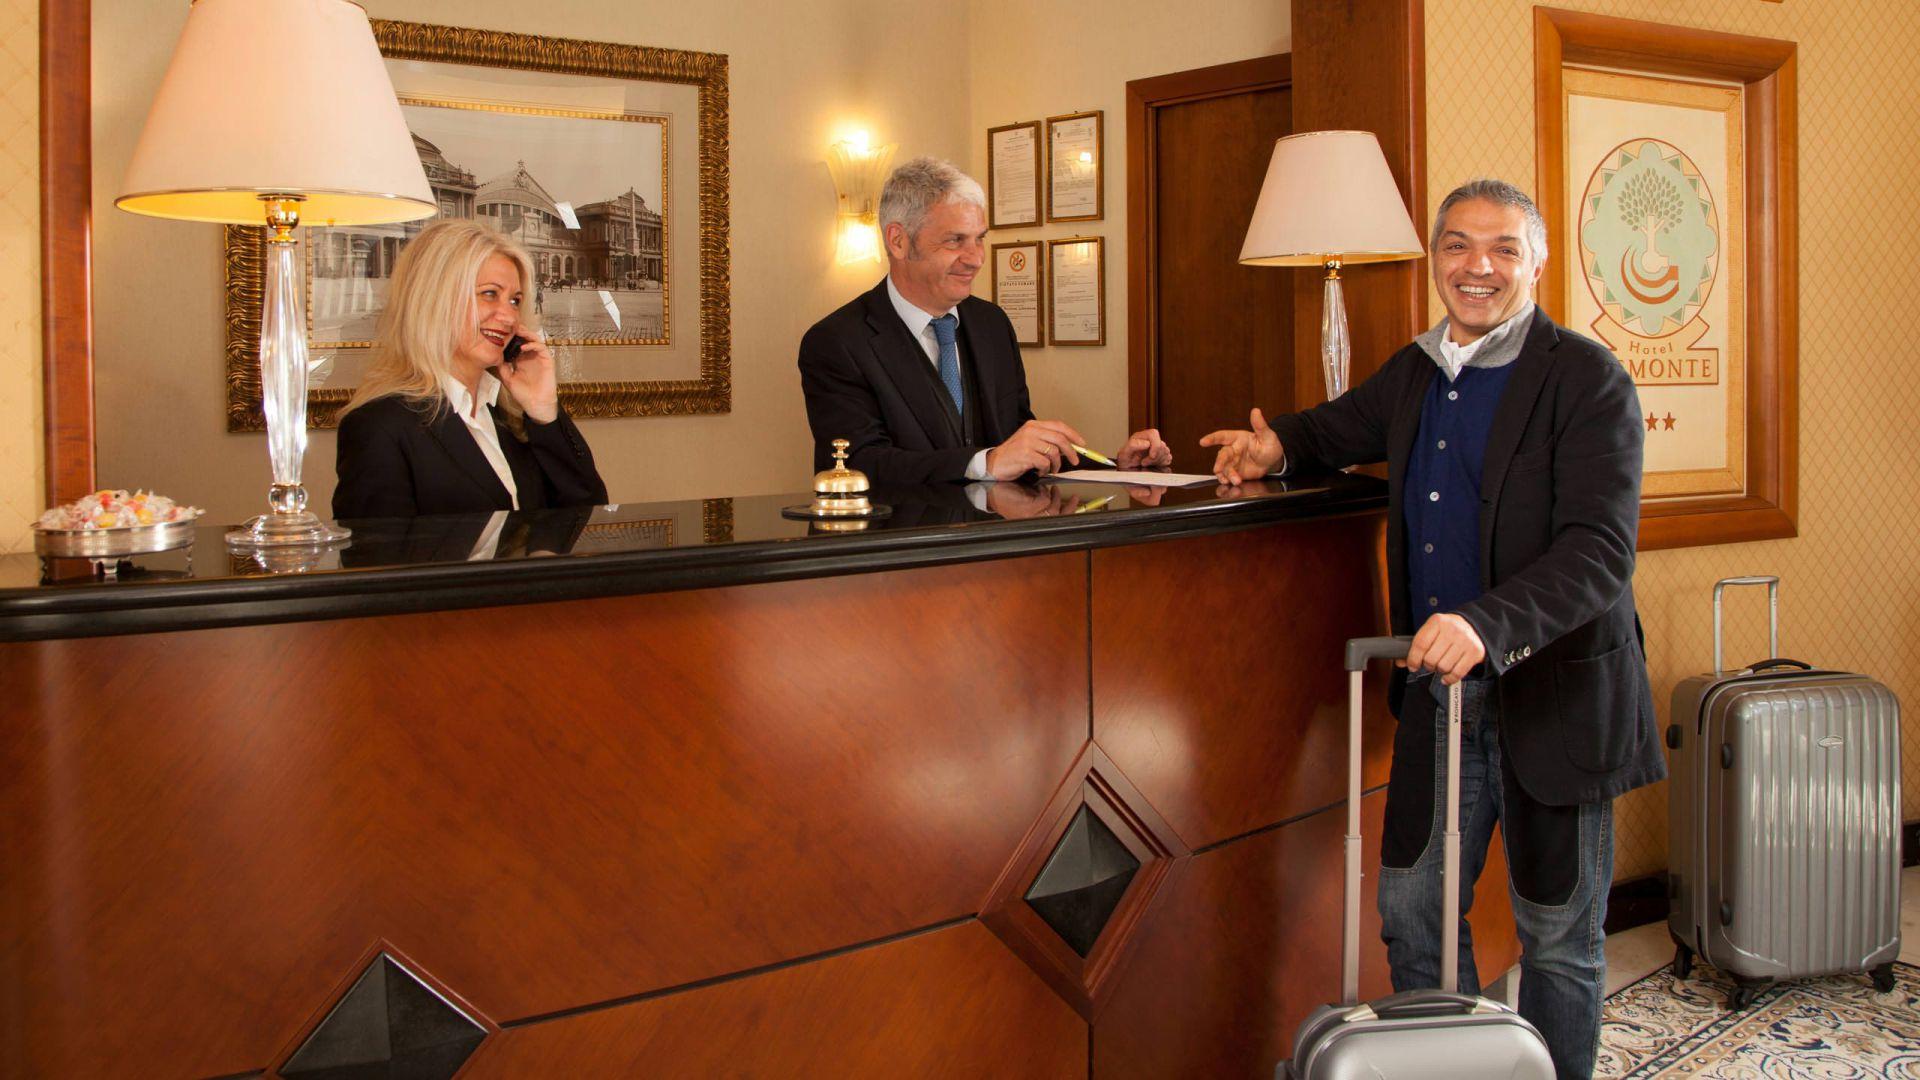 hotel-piemonte-roma-aree-comuni-01